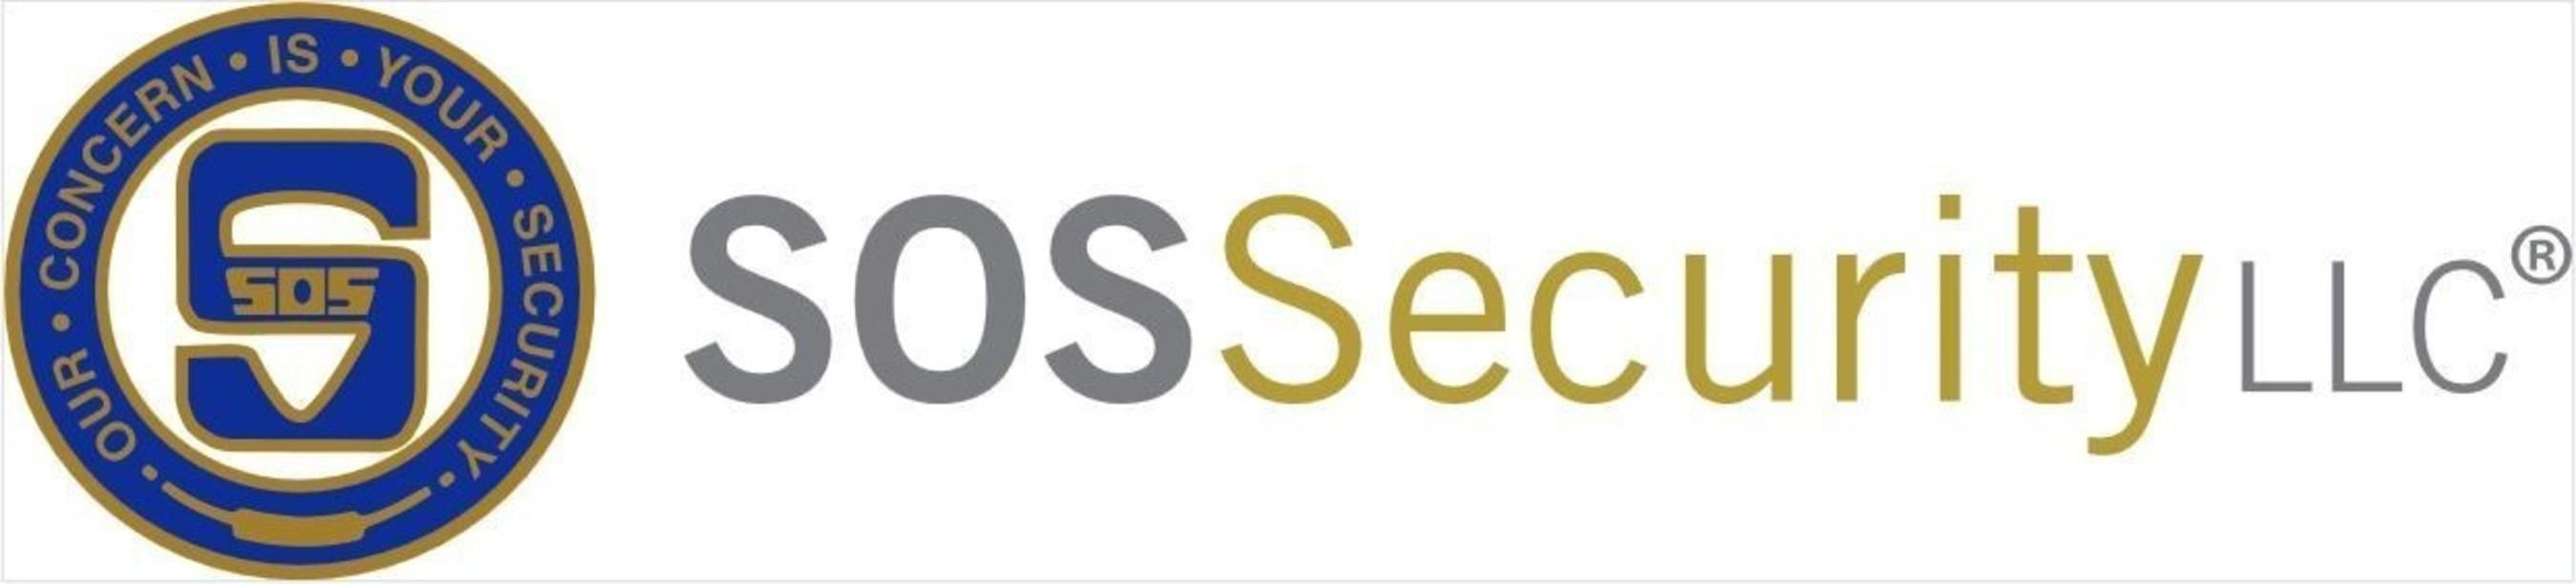 www.sossecurity.com